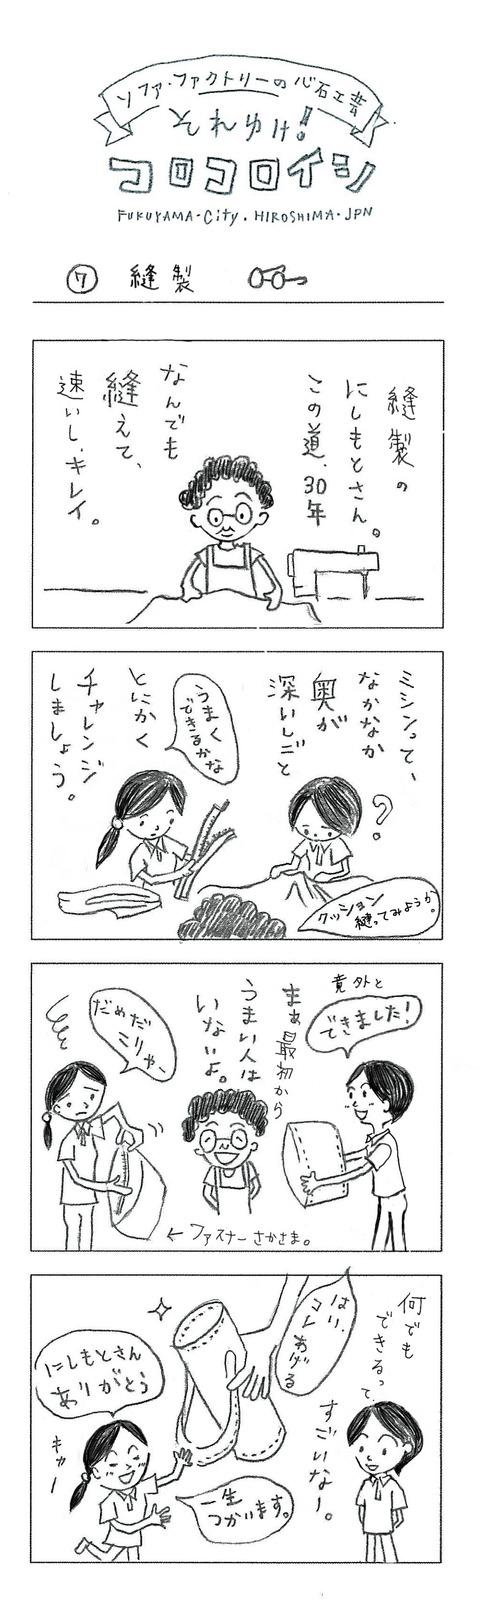 西本さん1